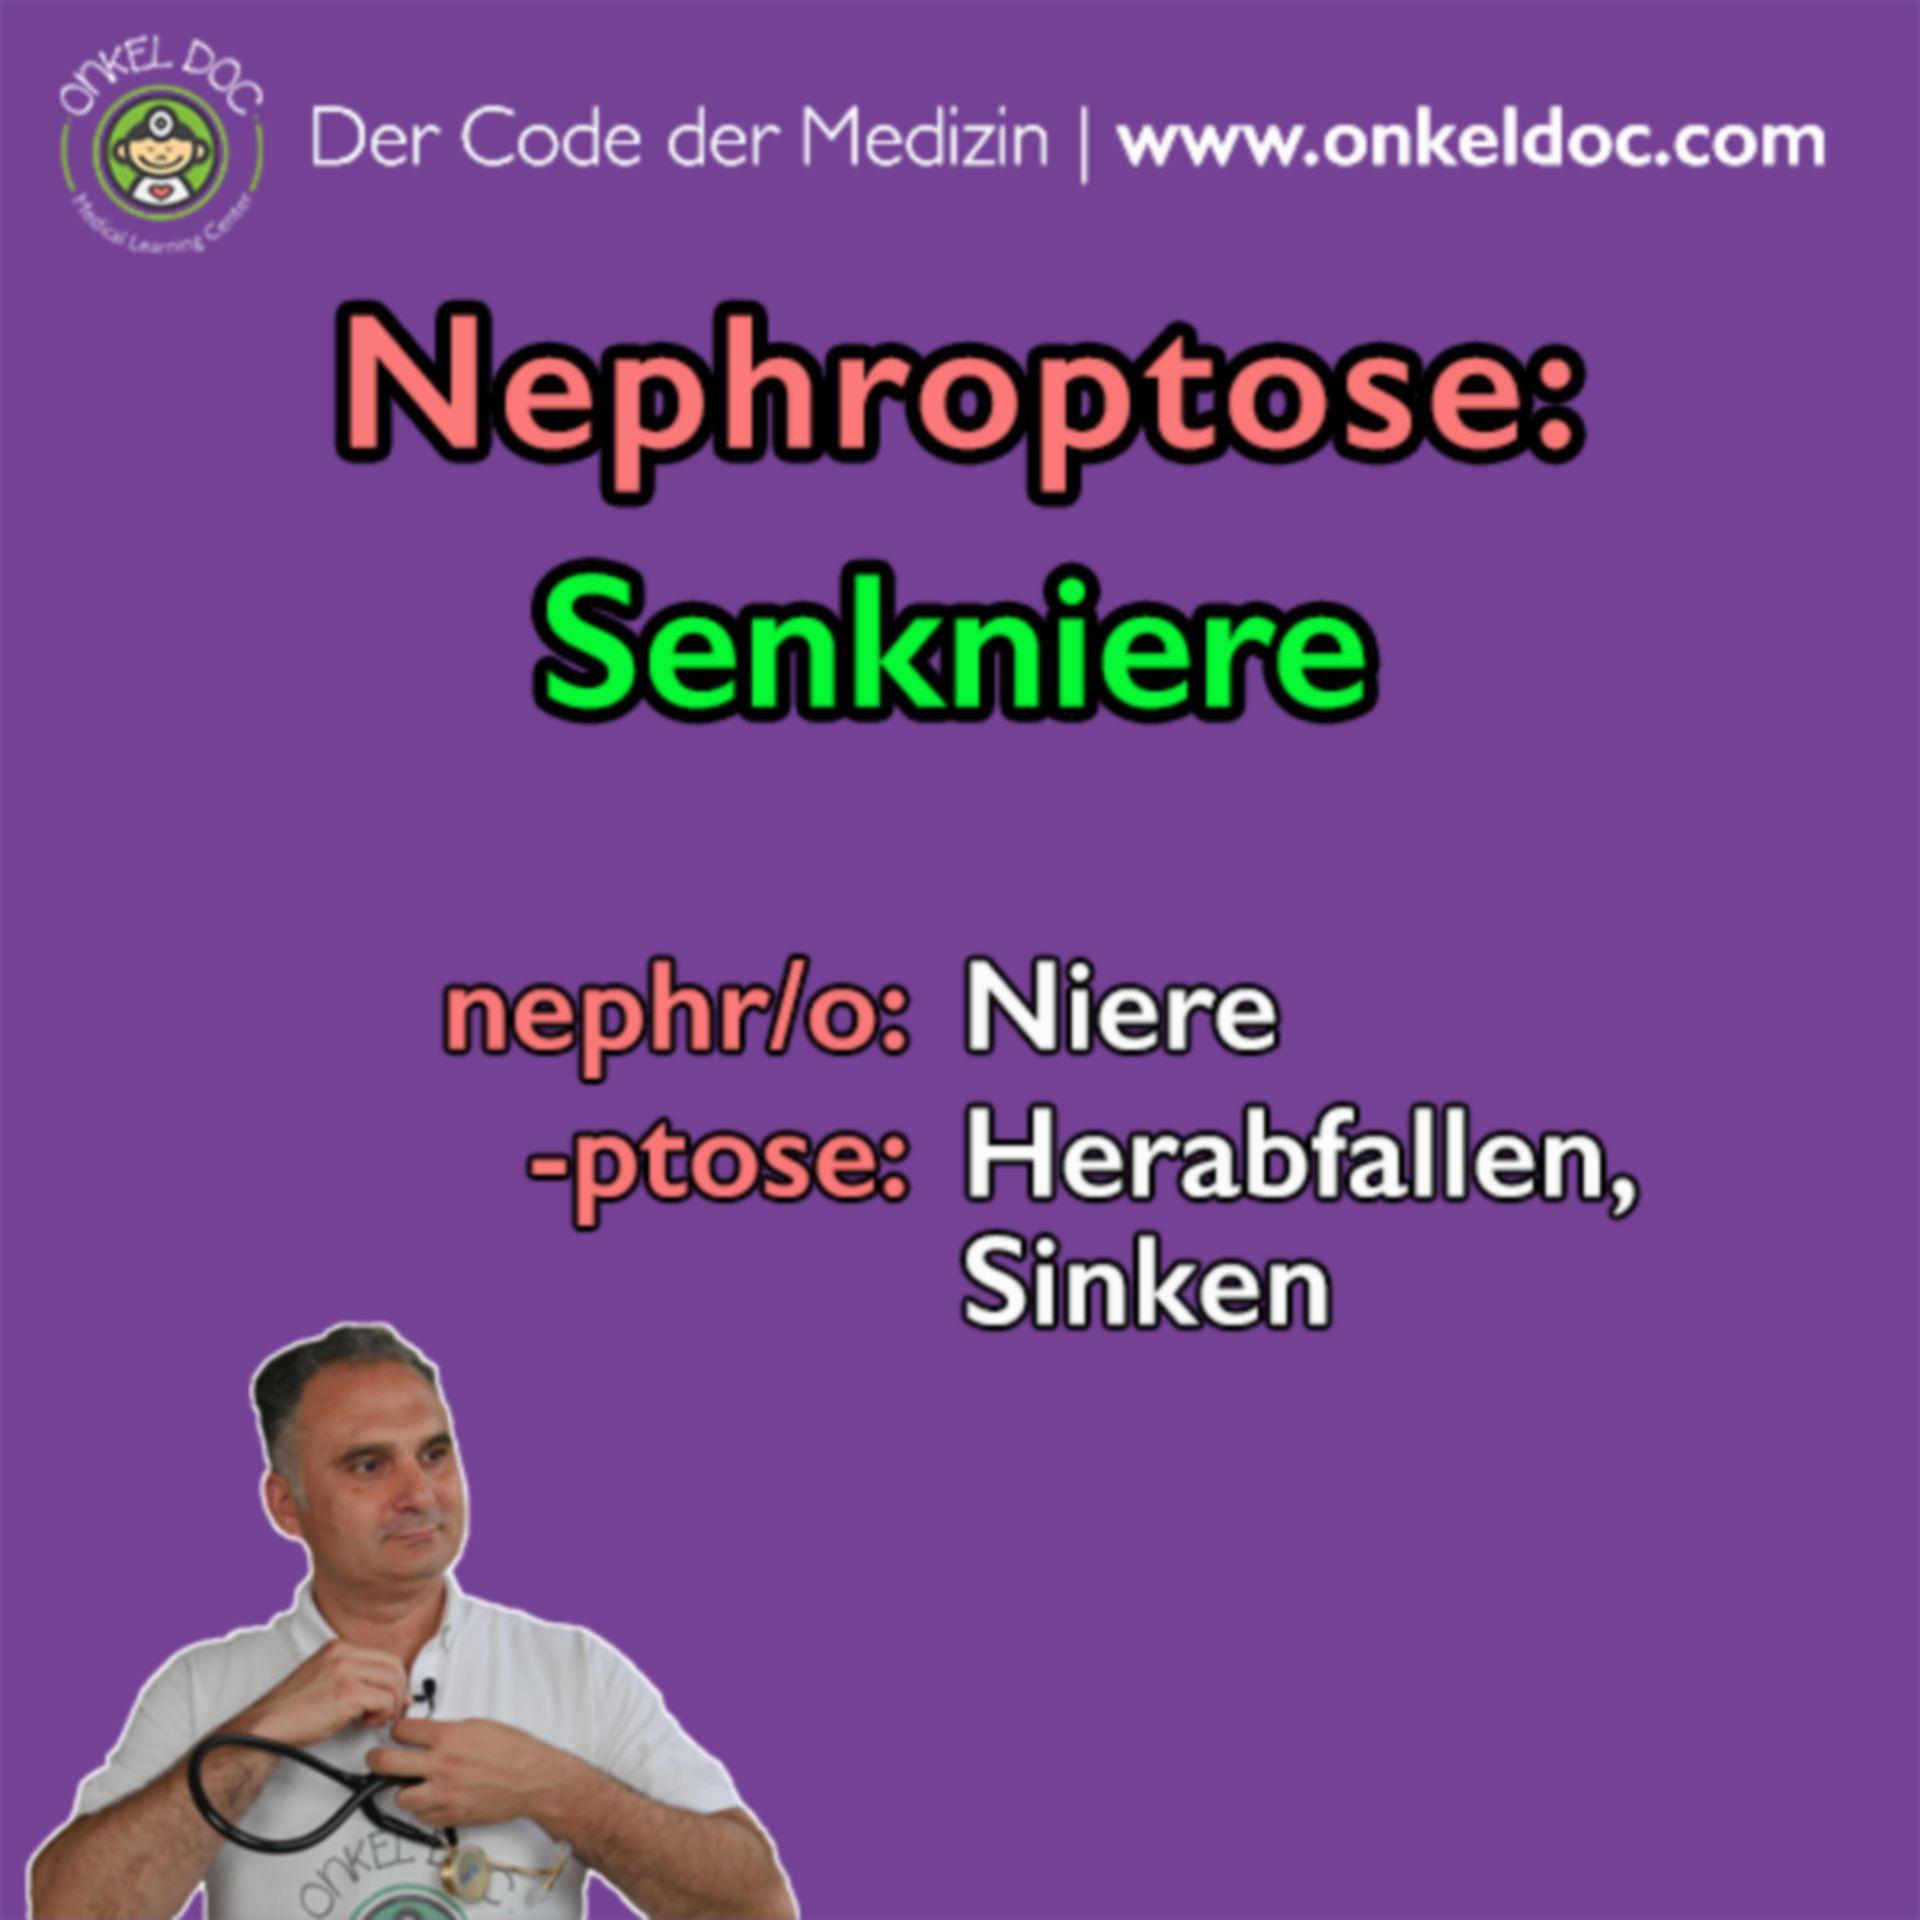 Der Code der Nephroptose